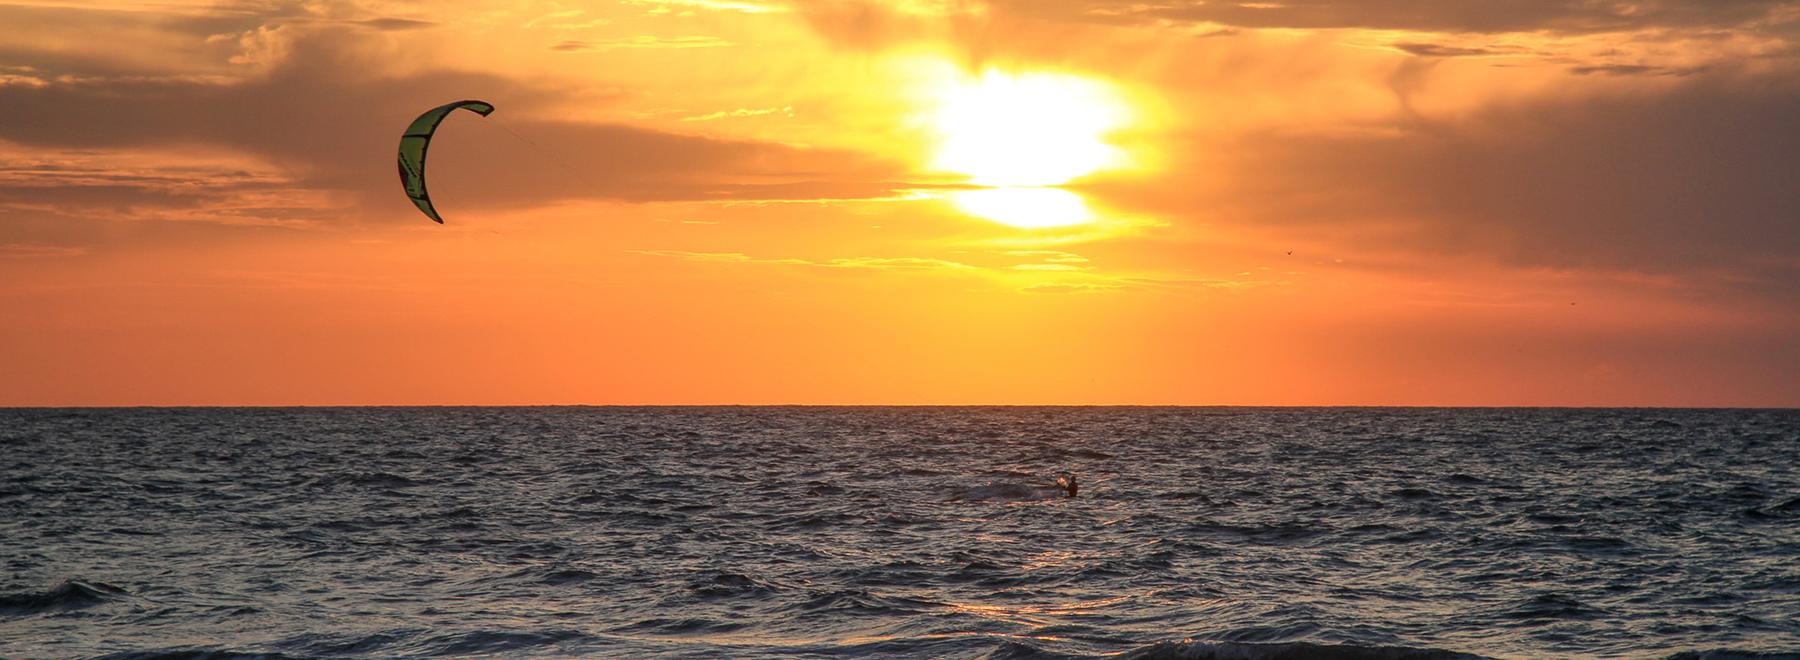 Zum Kitesurfen nach Kos, Griechenland. Mit KiteWorldWide Kitereisen erleben.